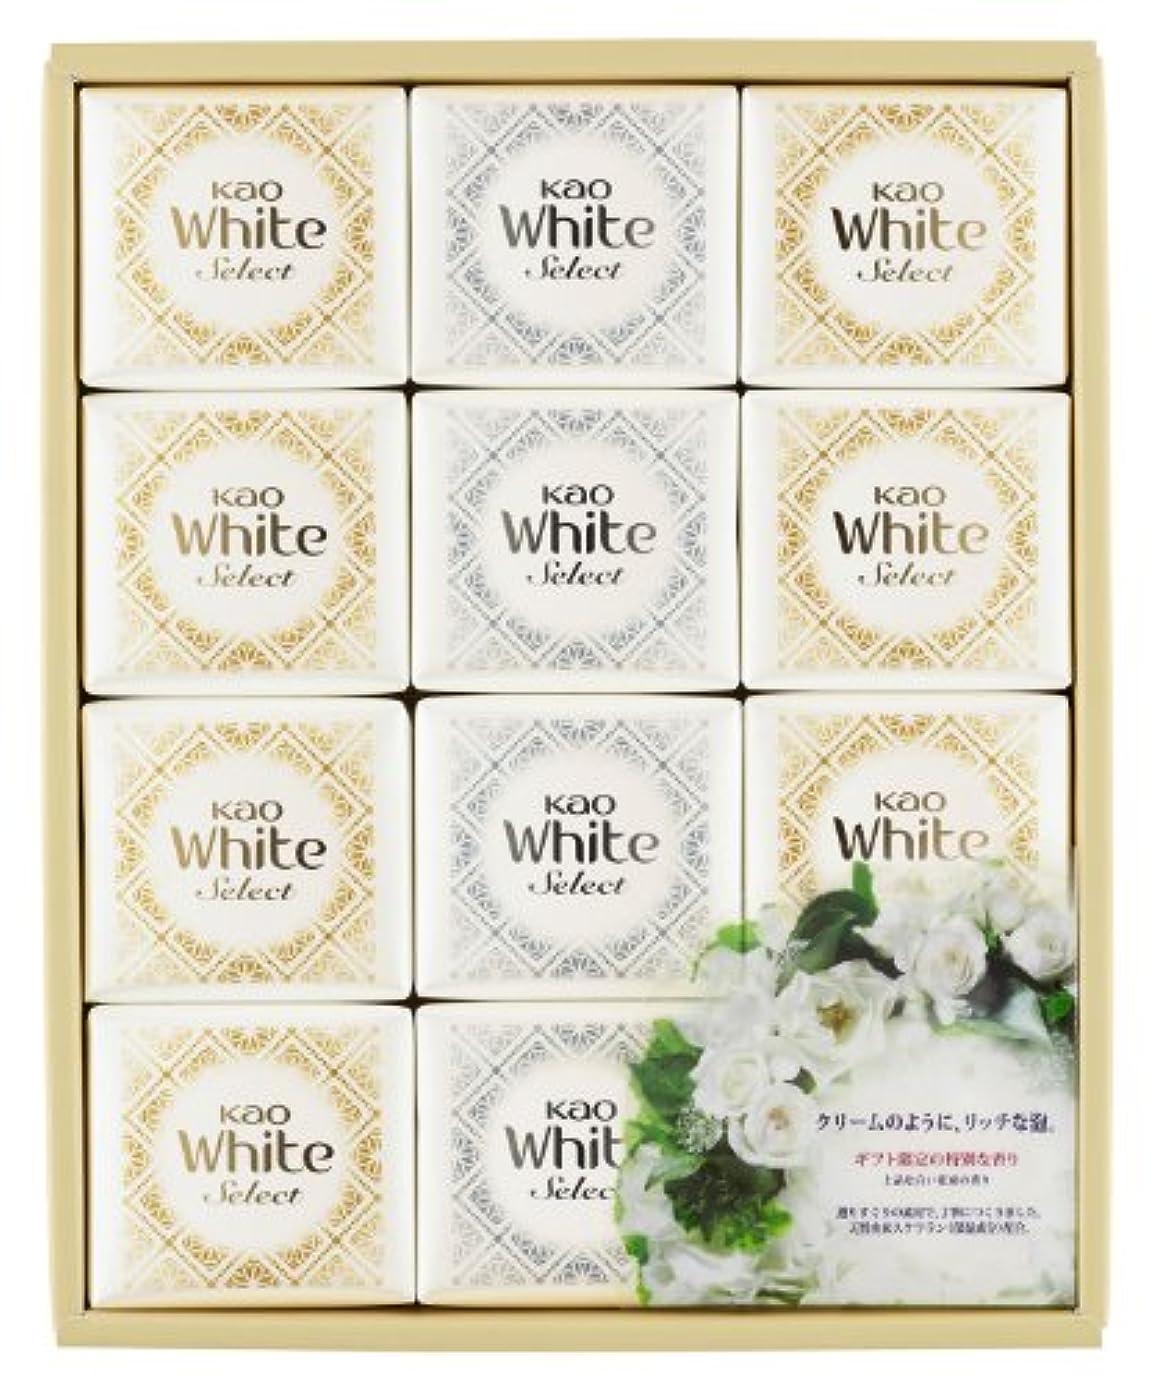 スキニー篭全体に花王ホワイト セレクト 上品な白い花束の香り 85g 12コ K?WS-20